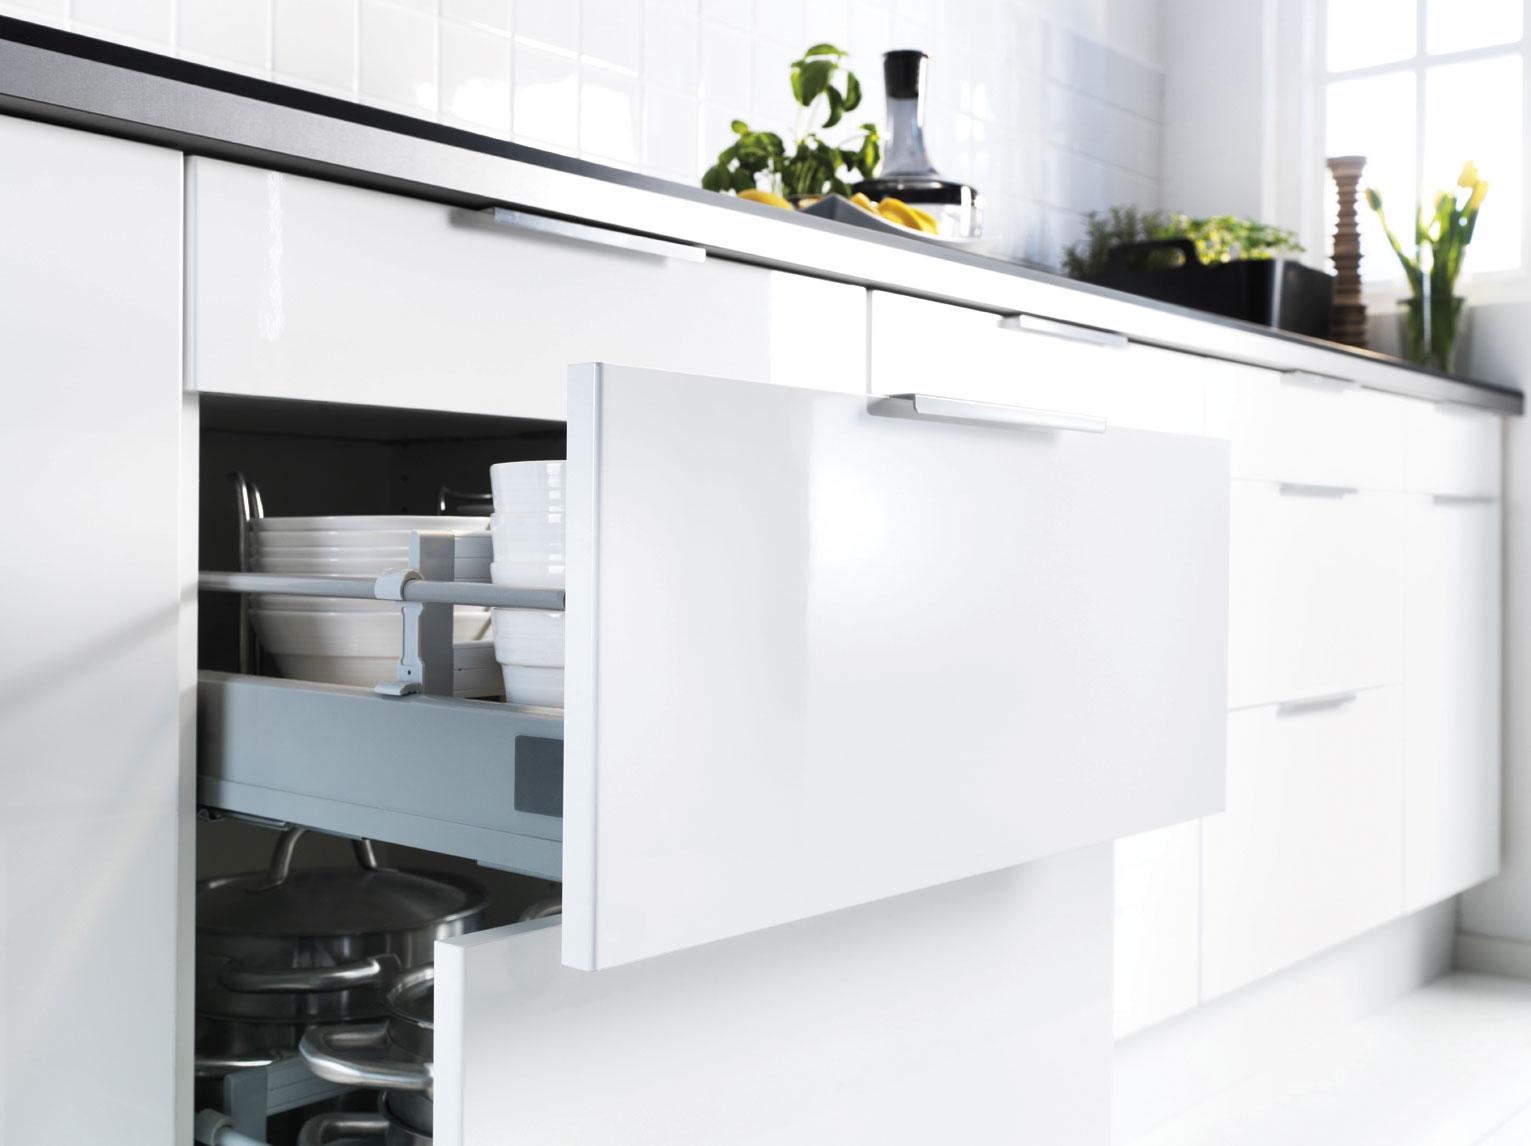 Ikea cocinas 27 for Iluminacion cocina ikea